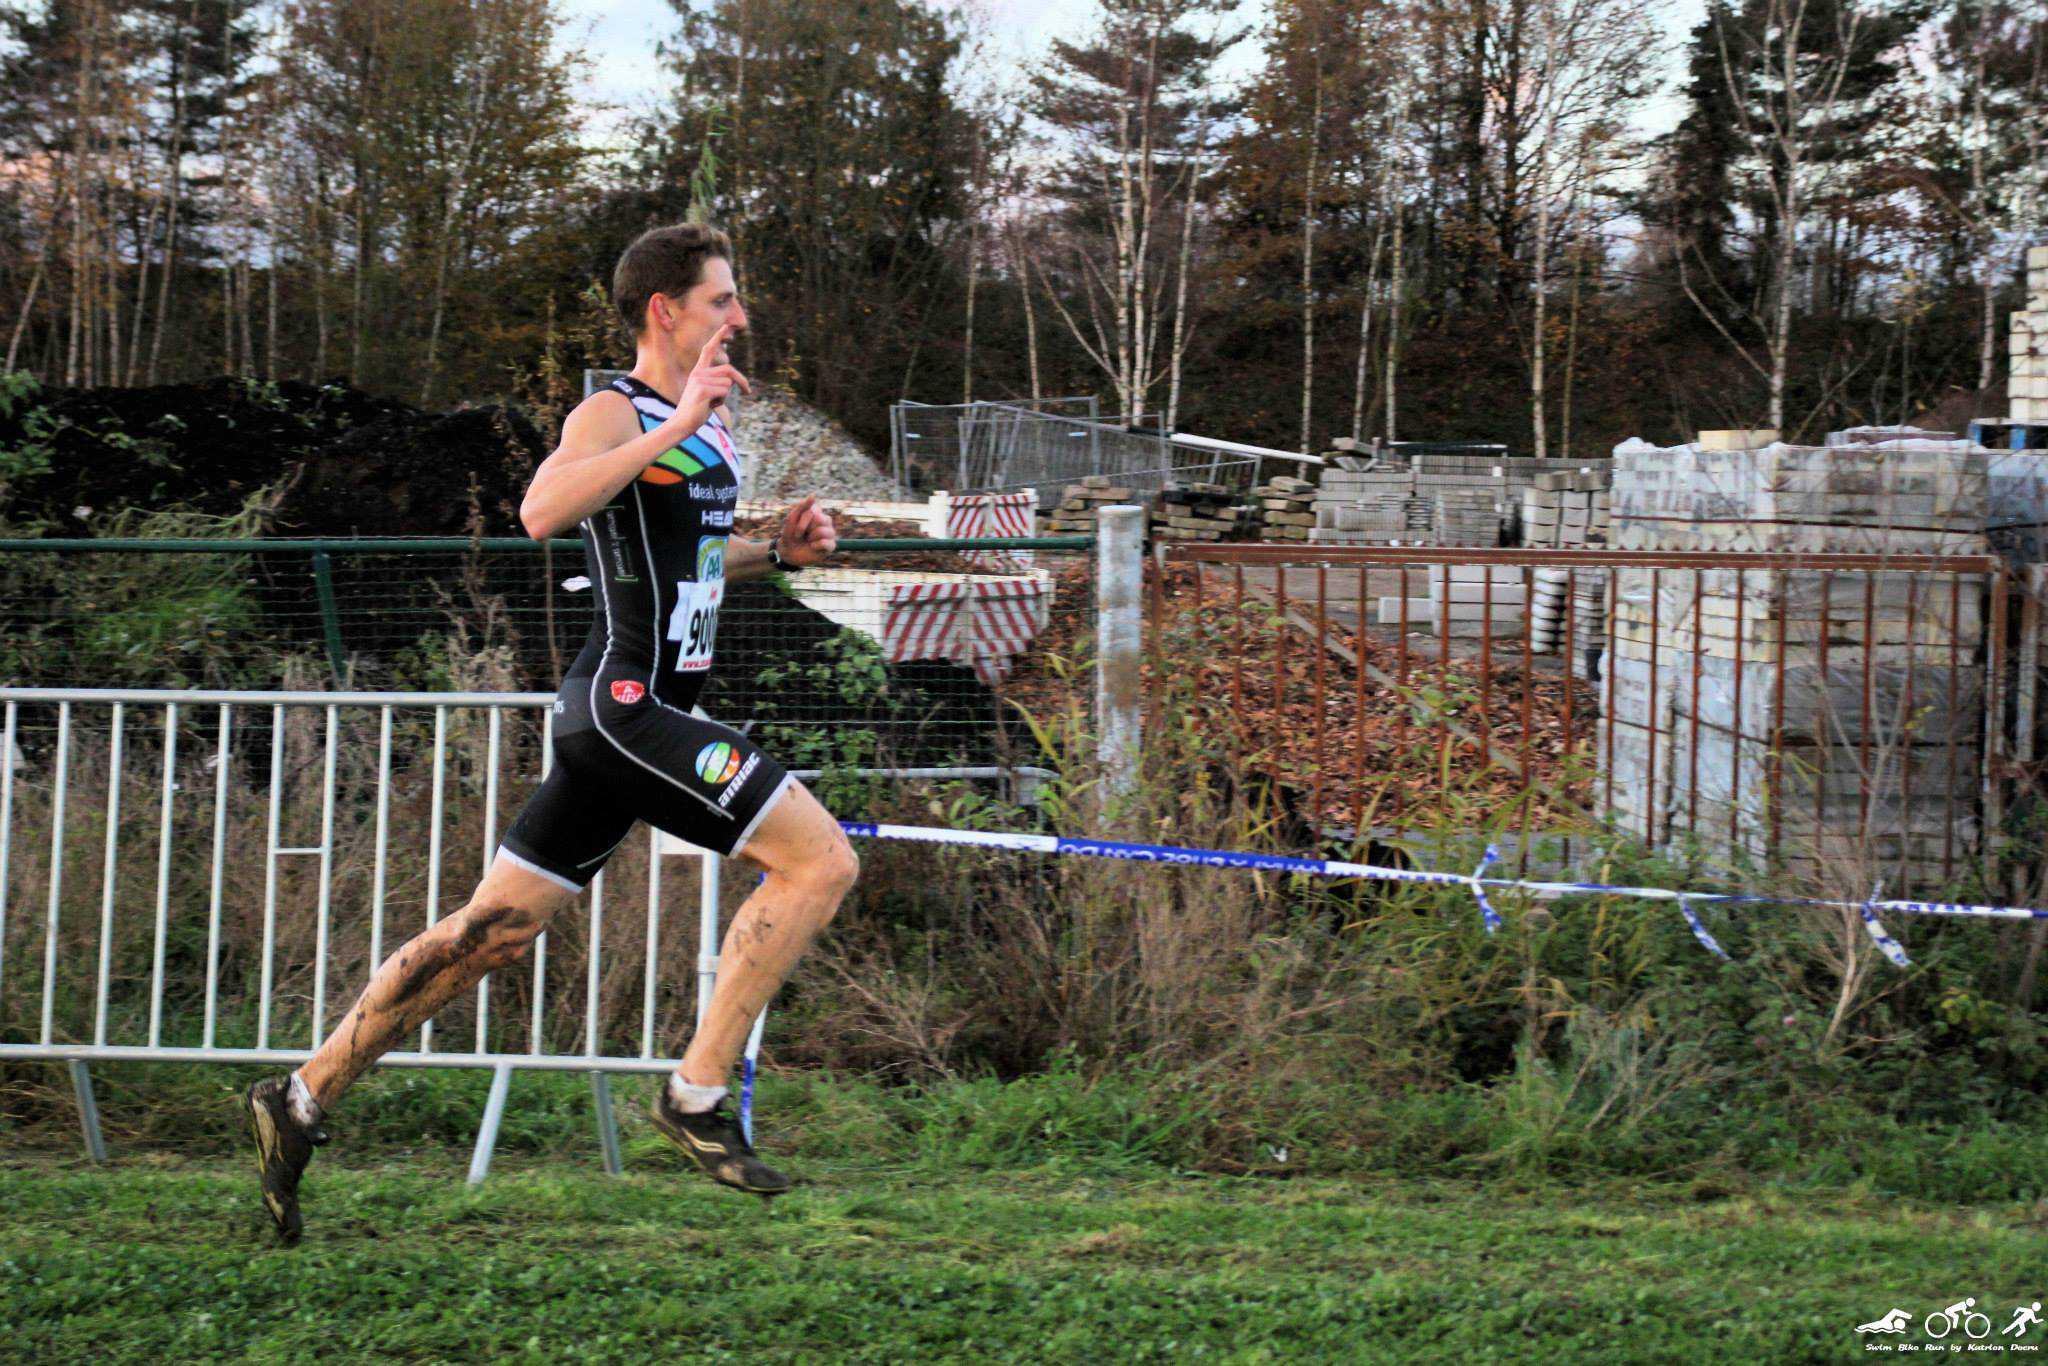 Triatleten lopen in de kijker